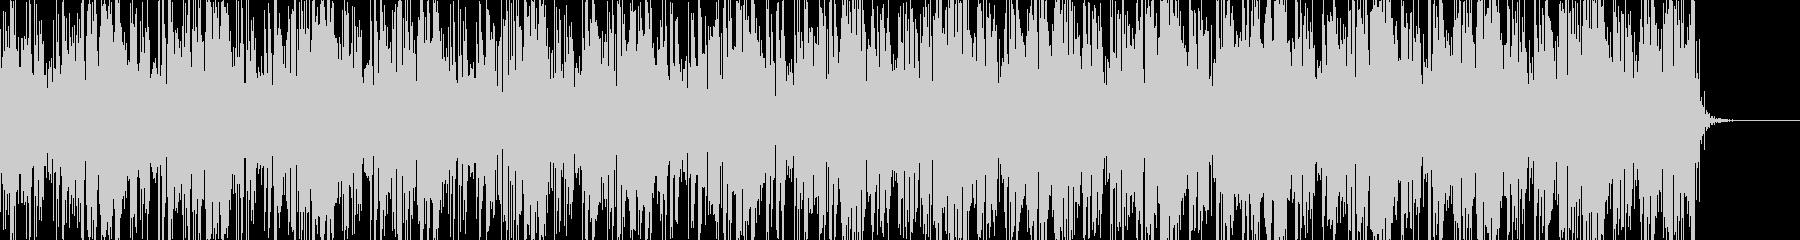 ノイジーでダークなアンビエントBGM7の未再生の波形